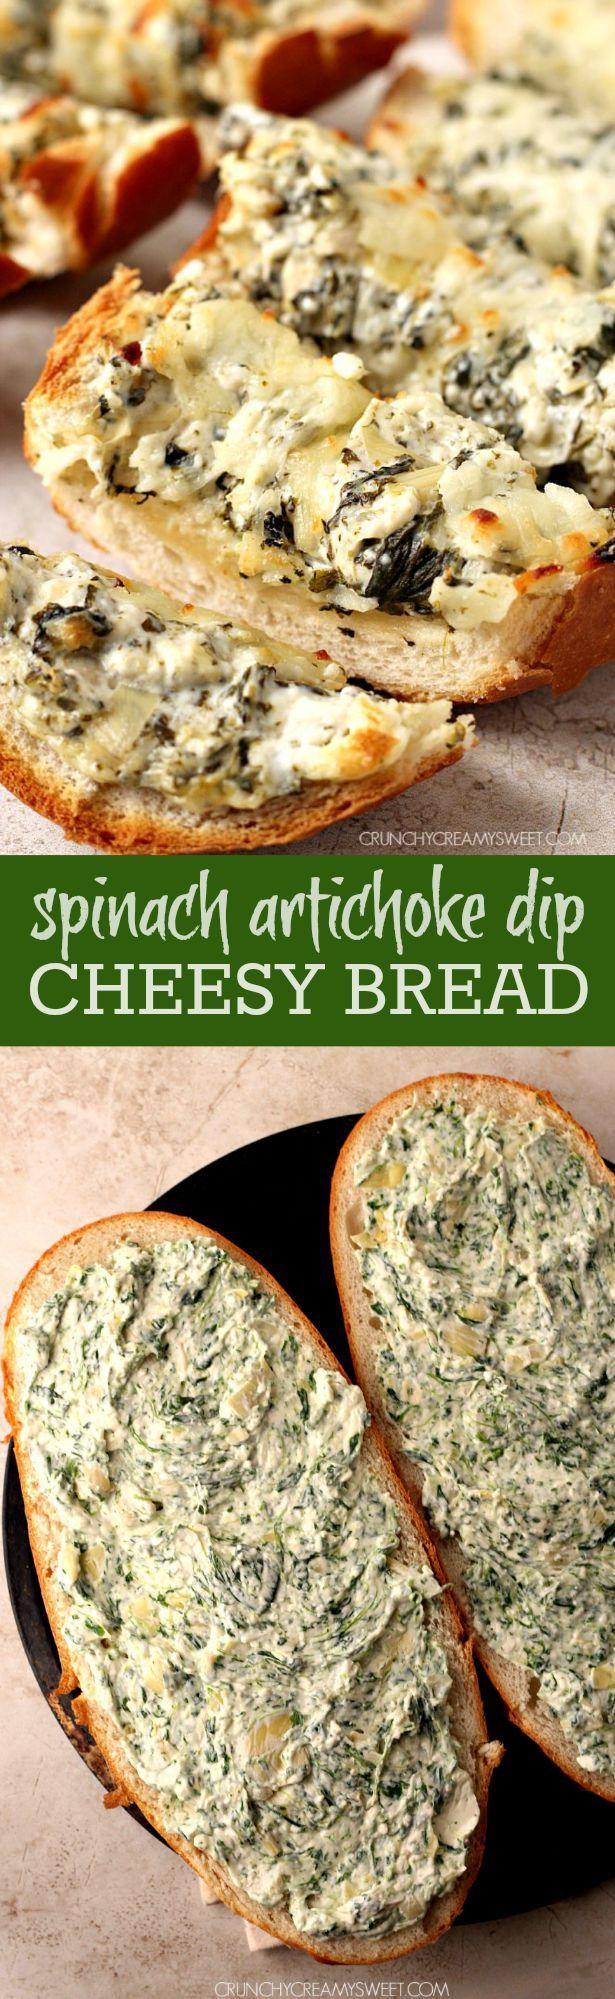 Spinach Artichoke Dip Cheesy Bread